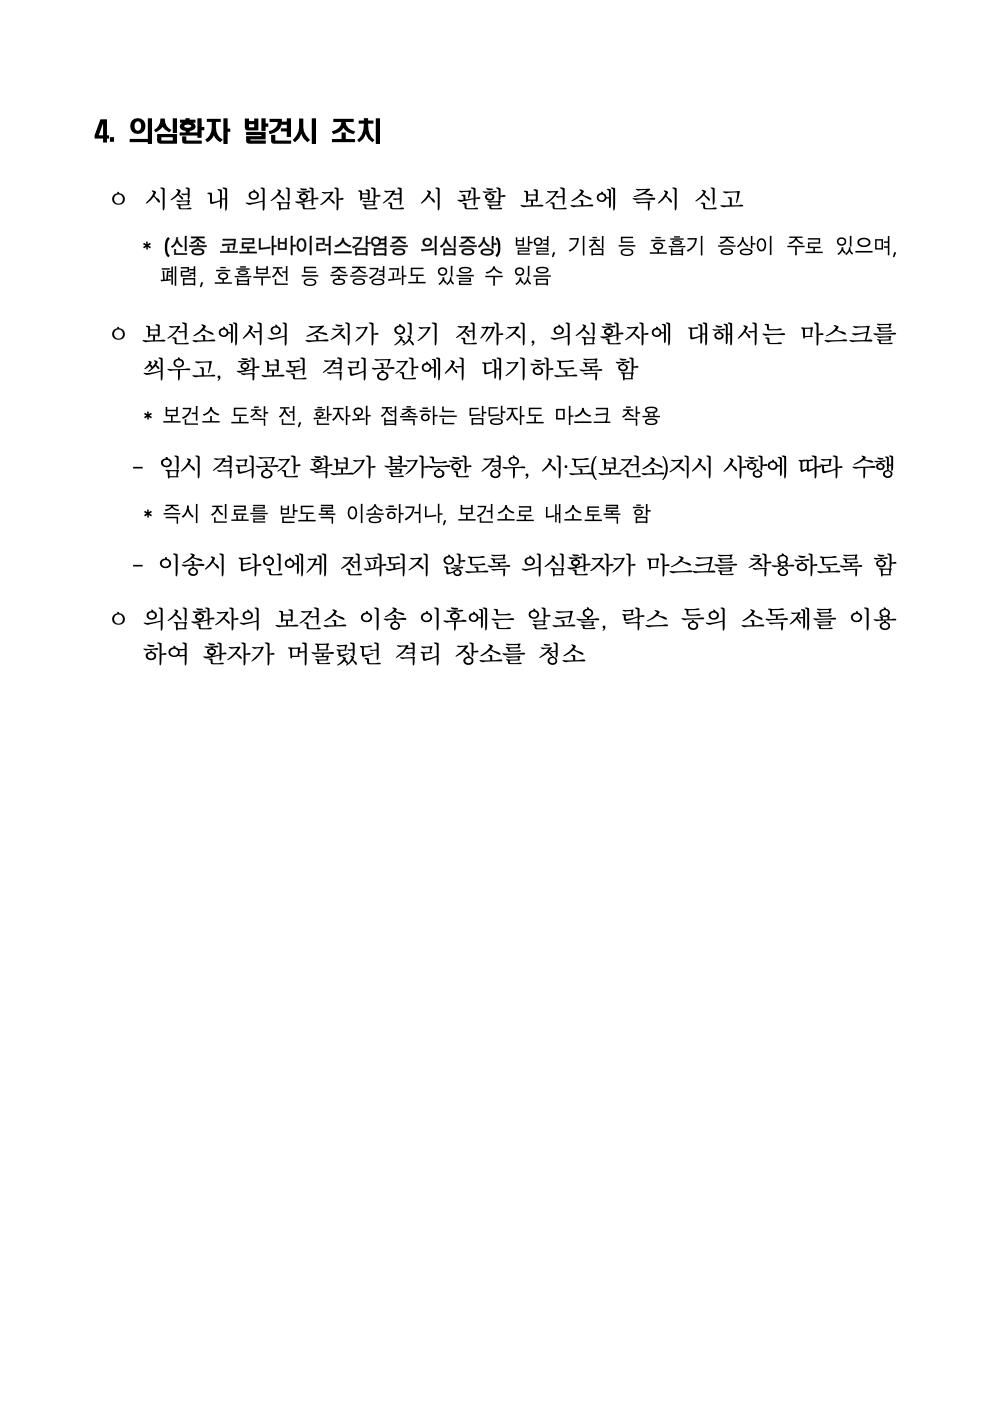 춘교 20-016호 「코로나 바이러스 감염증-19」의 확진자 급증에 따른 권고사항008.jpg